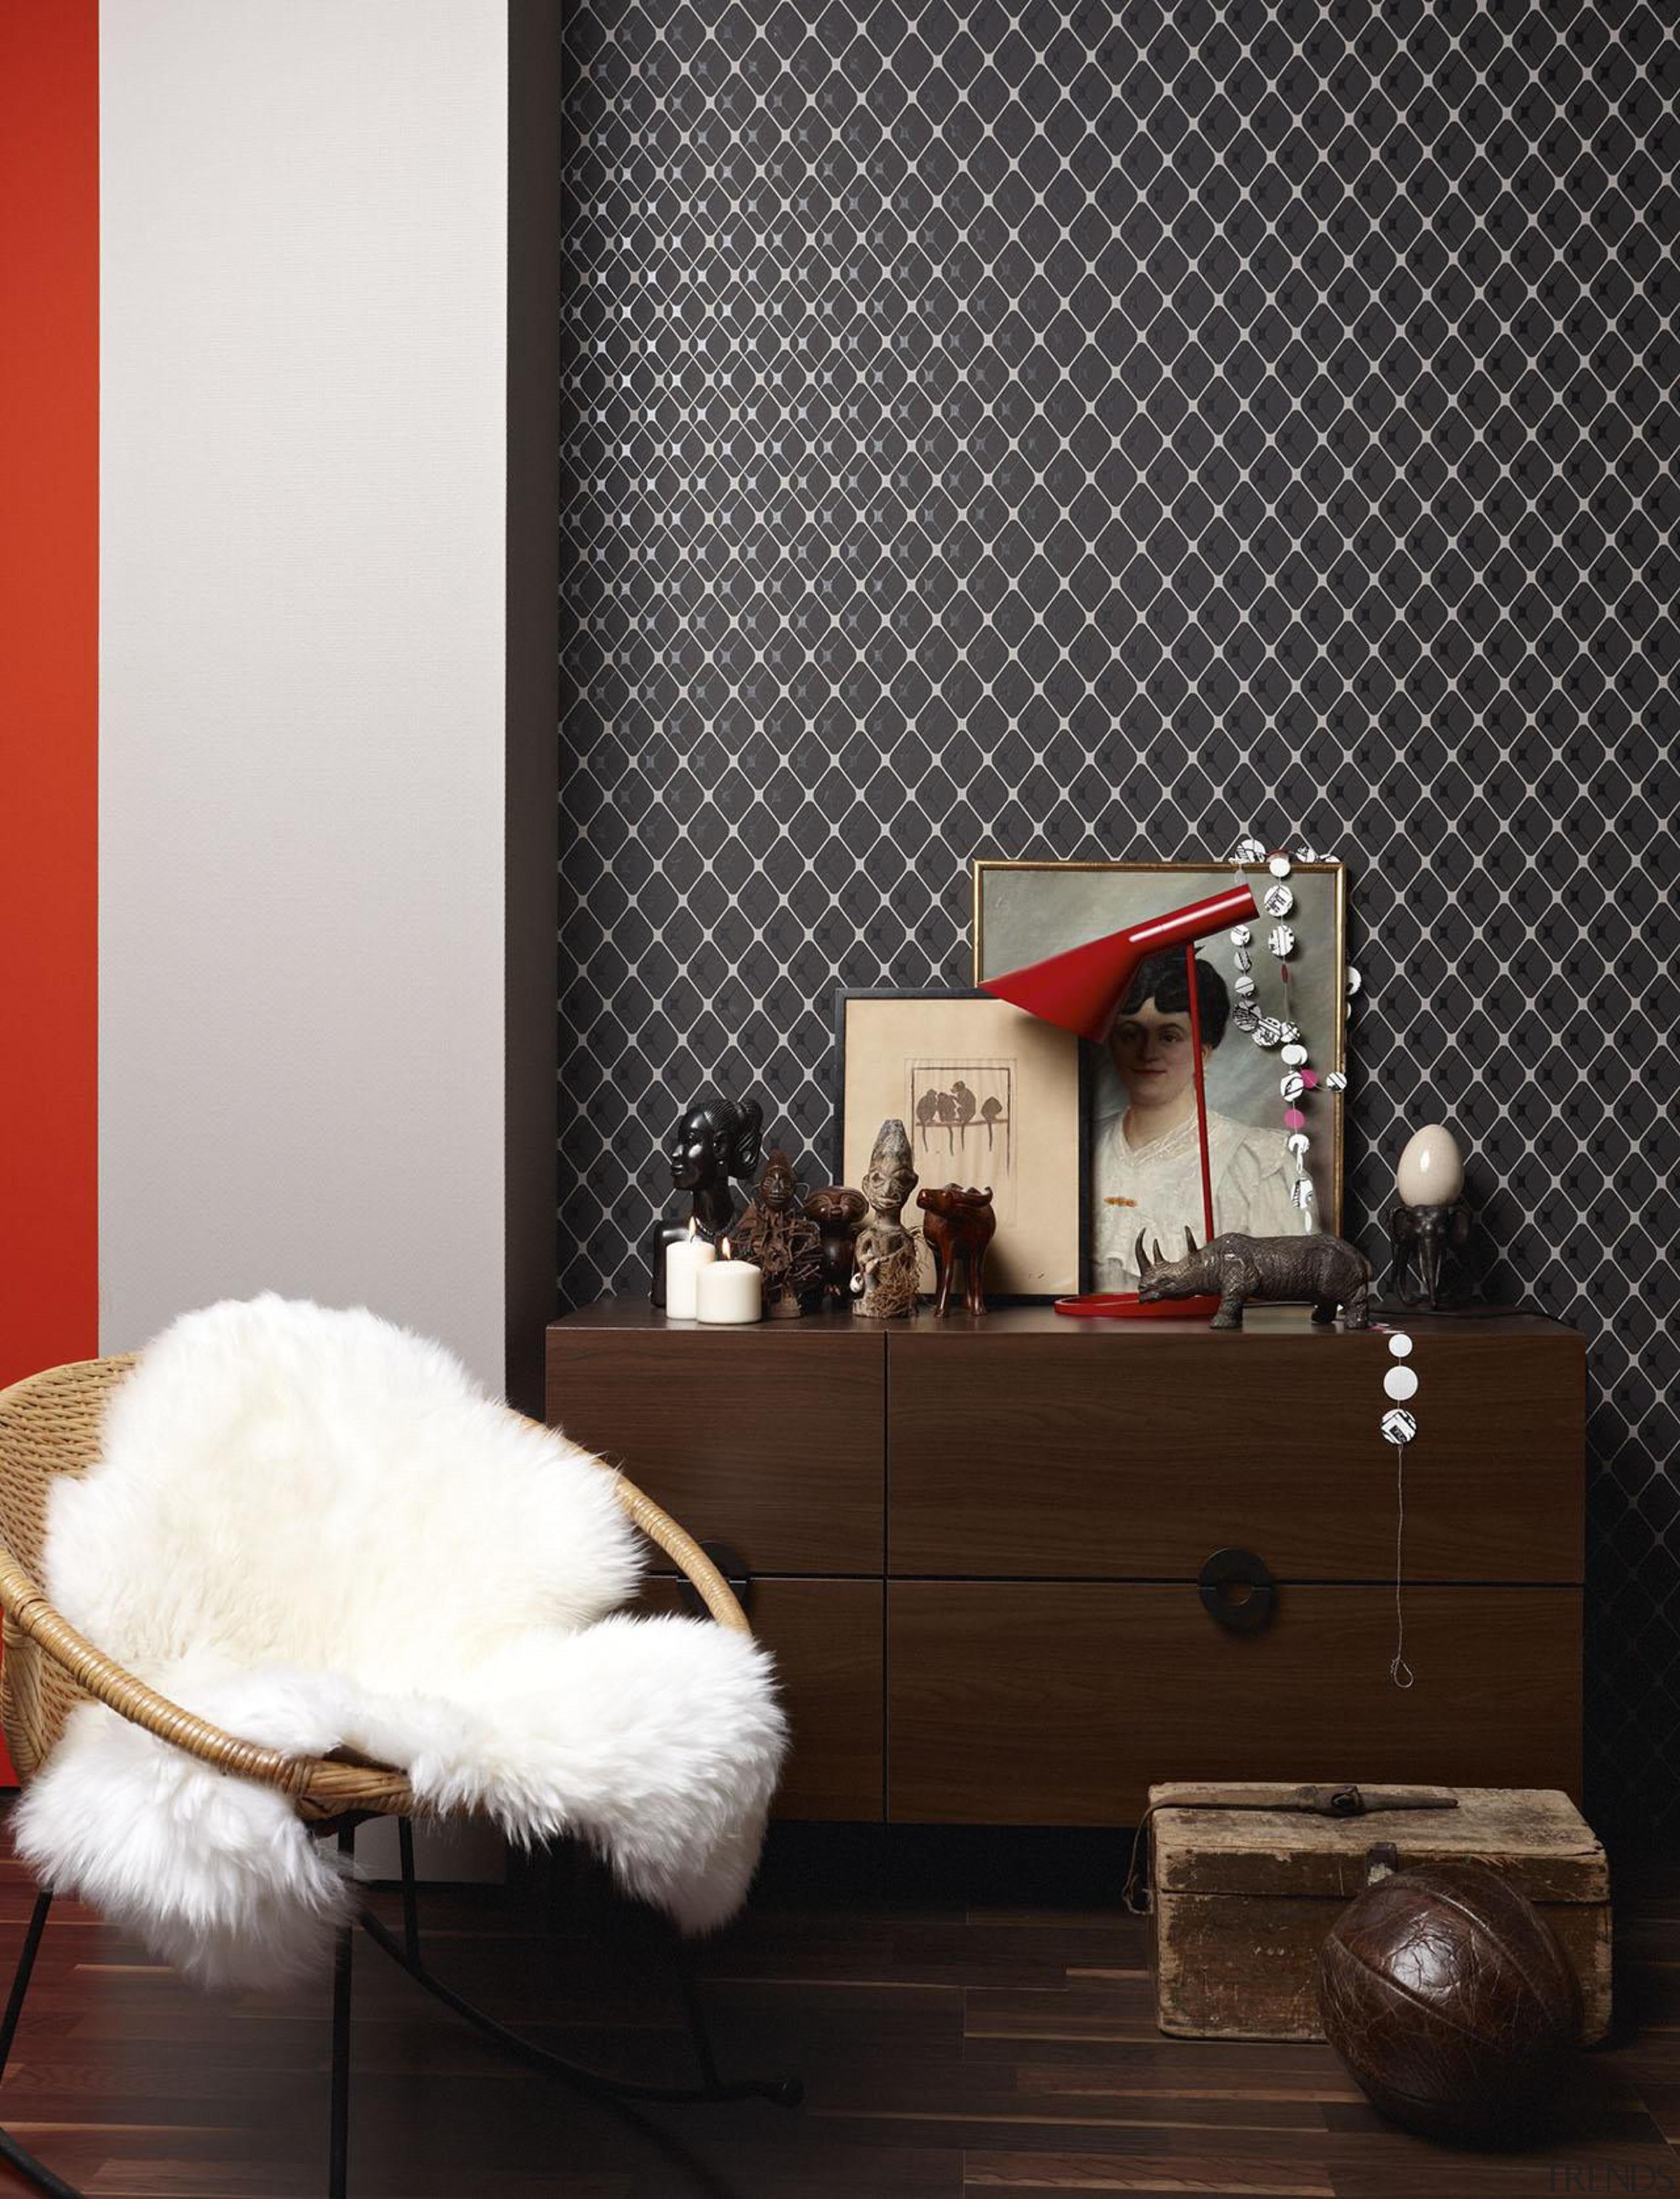 Schoner Wohnen - Modern Style Range - furniture furniture, interior design, room, table, wall, black, white